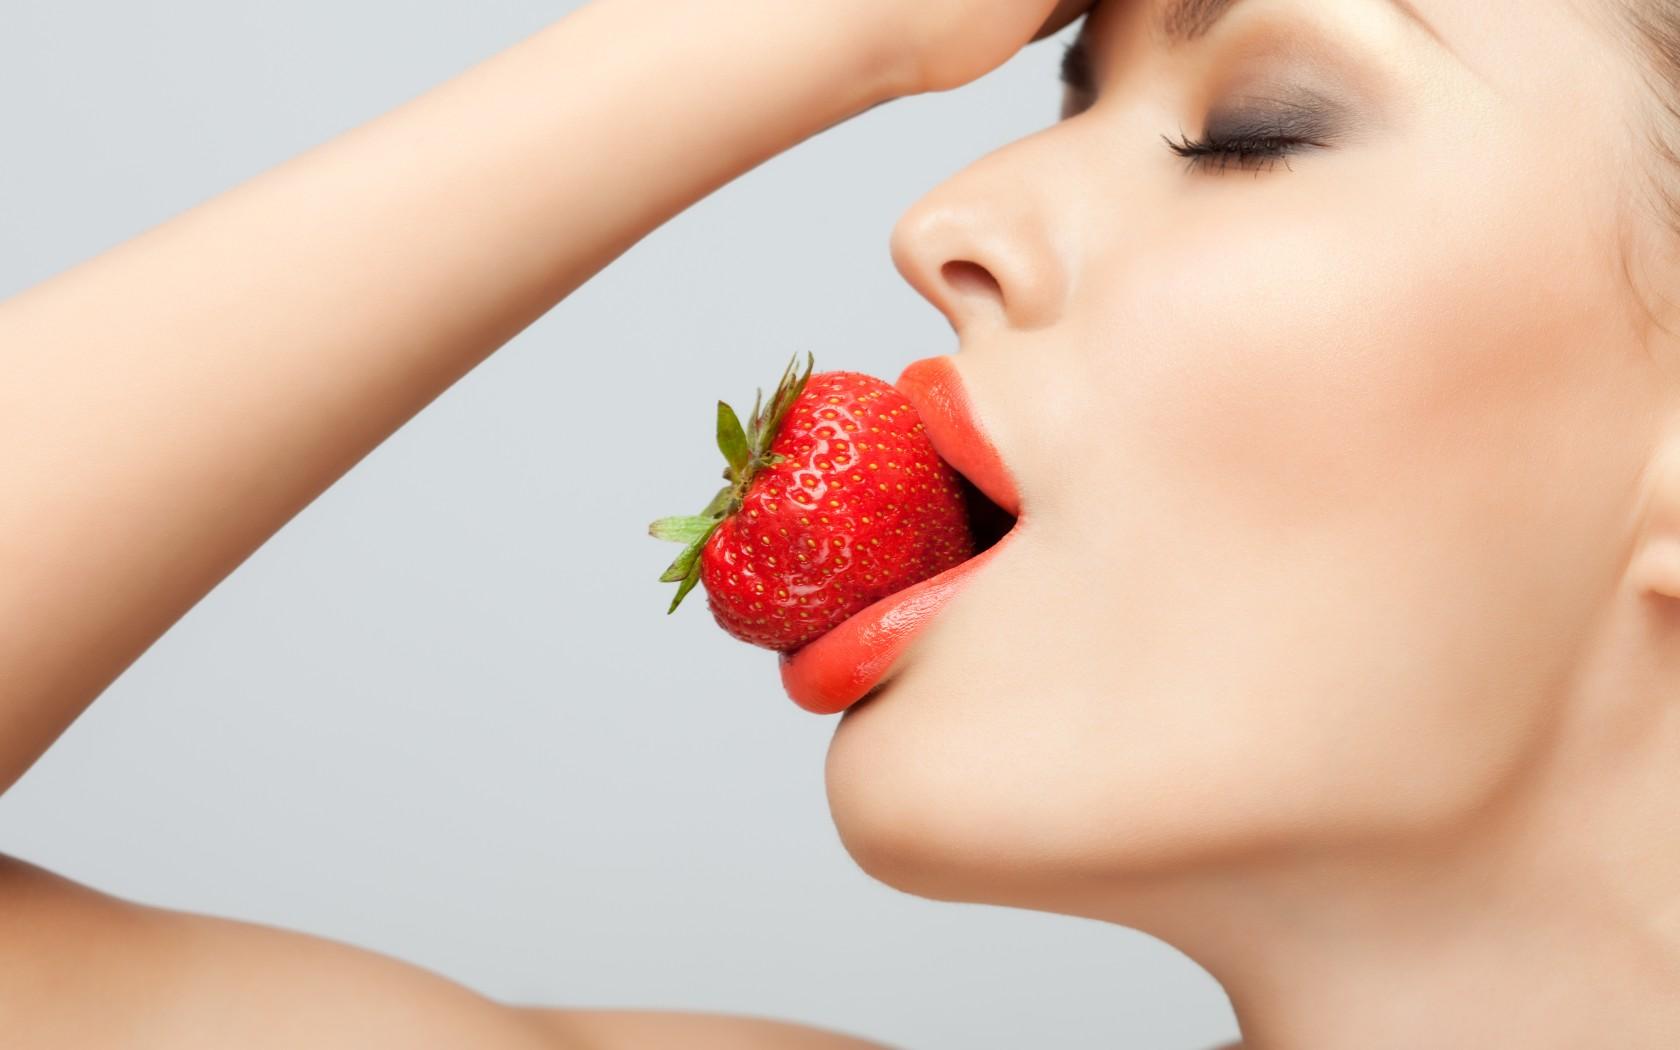 Самый красивый женский рот фото 13 фотография